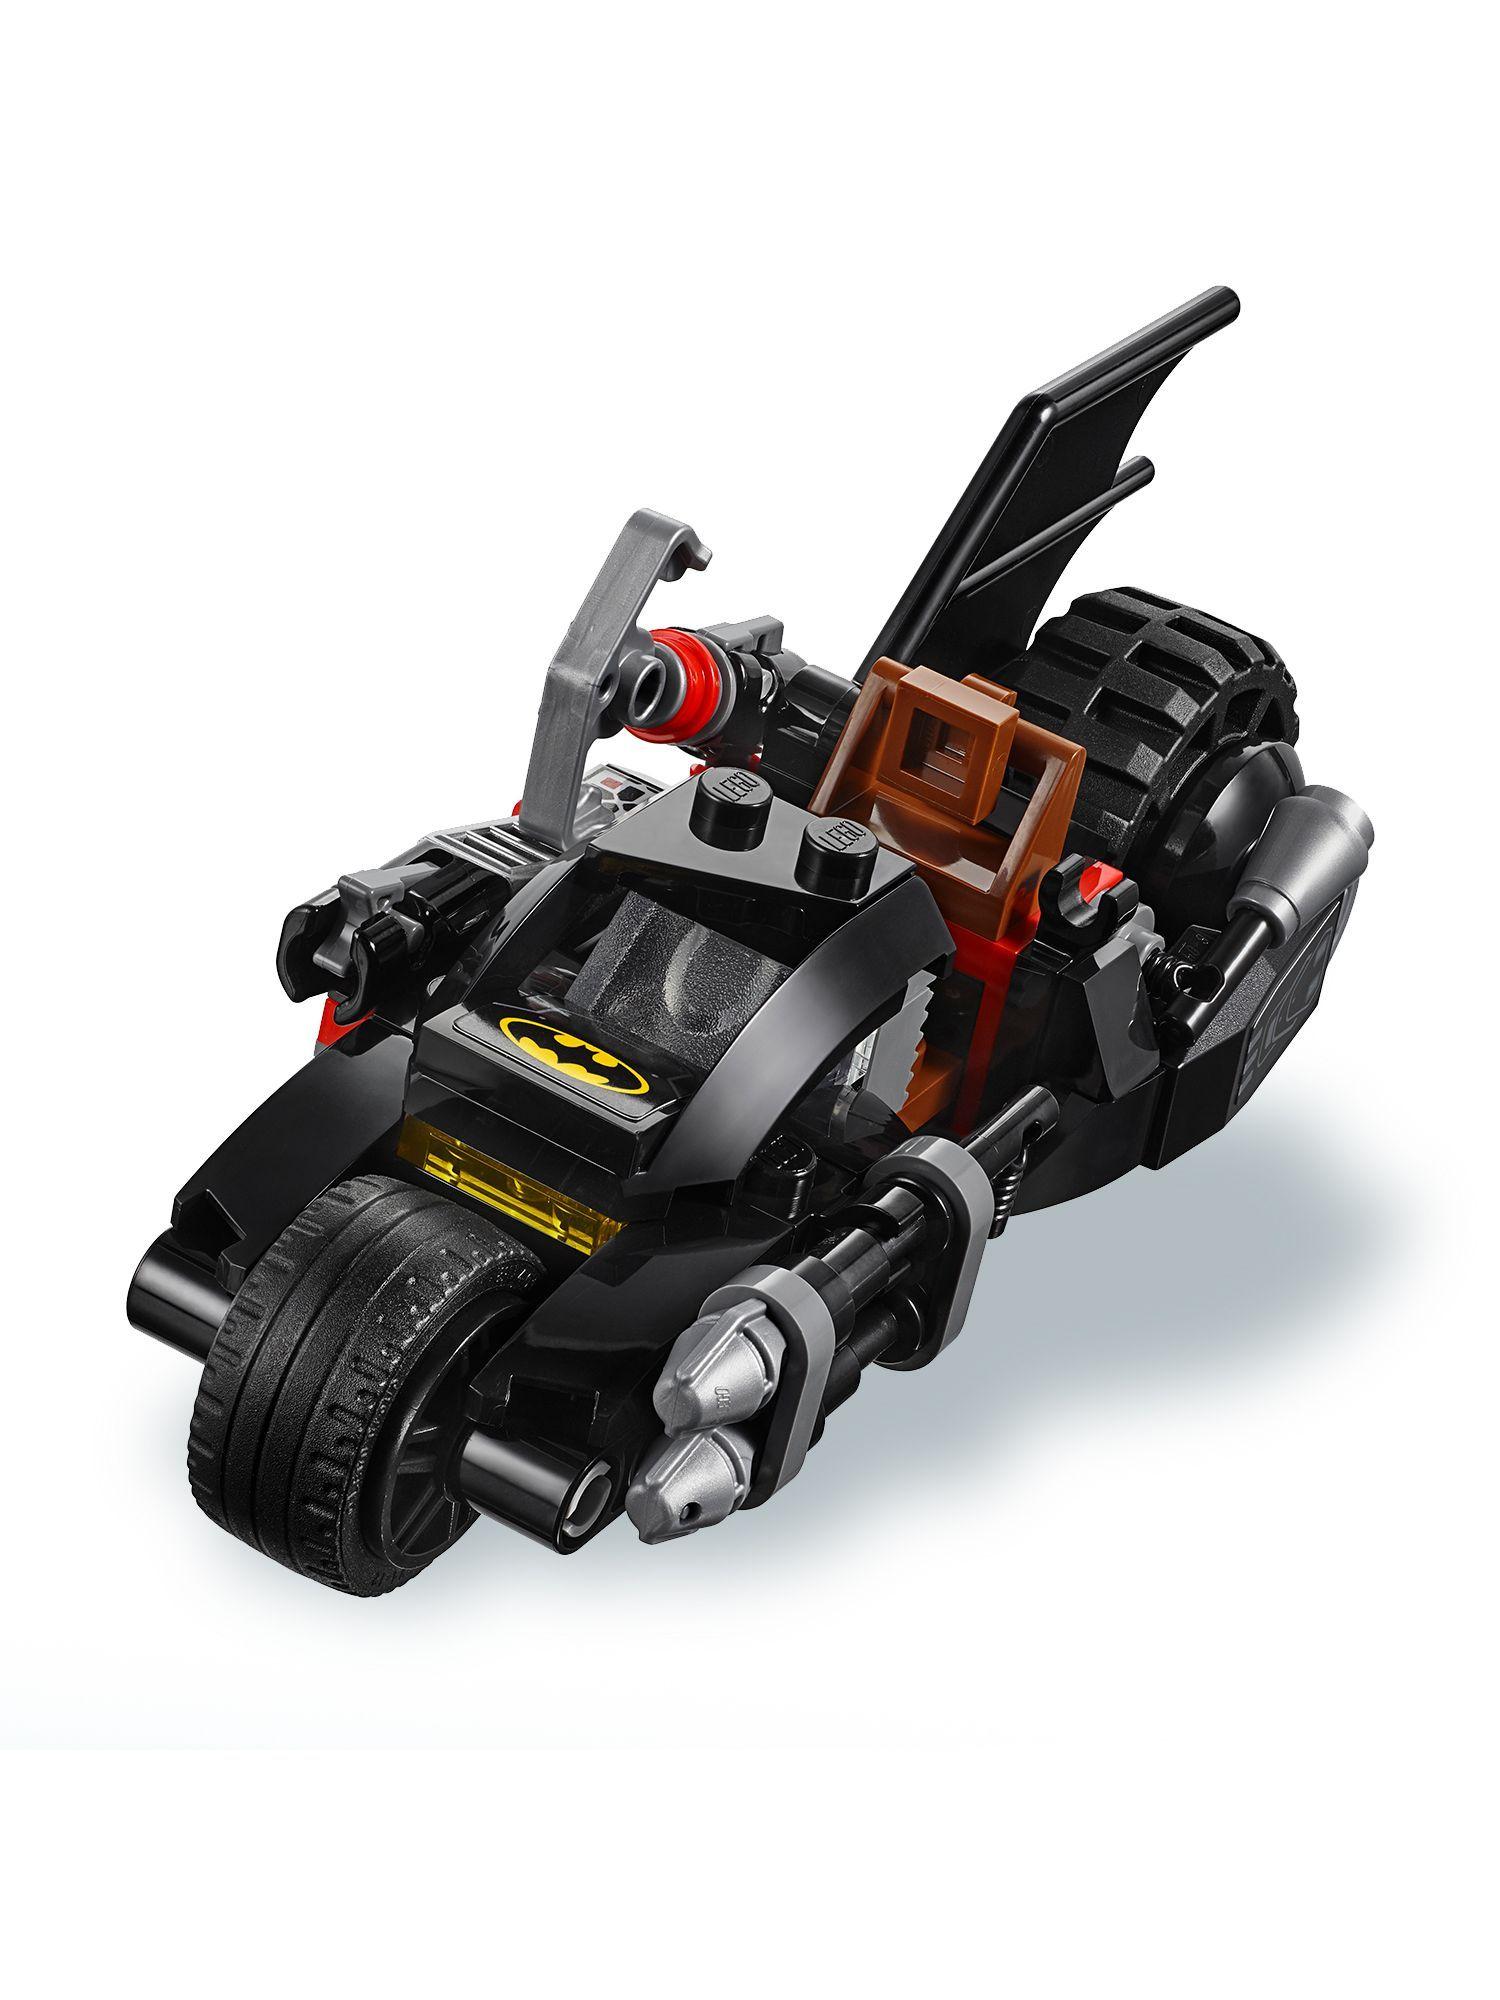 Lego DC Batman Mr Freeze Batcycle Battle Building Set 76118